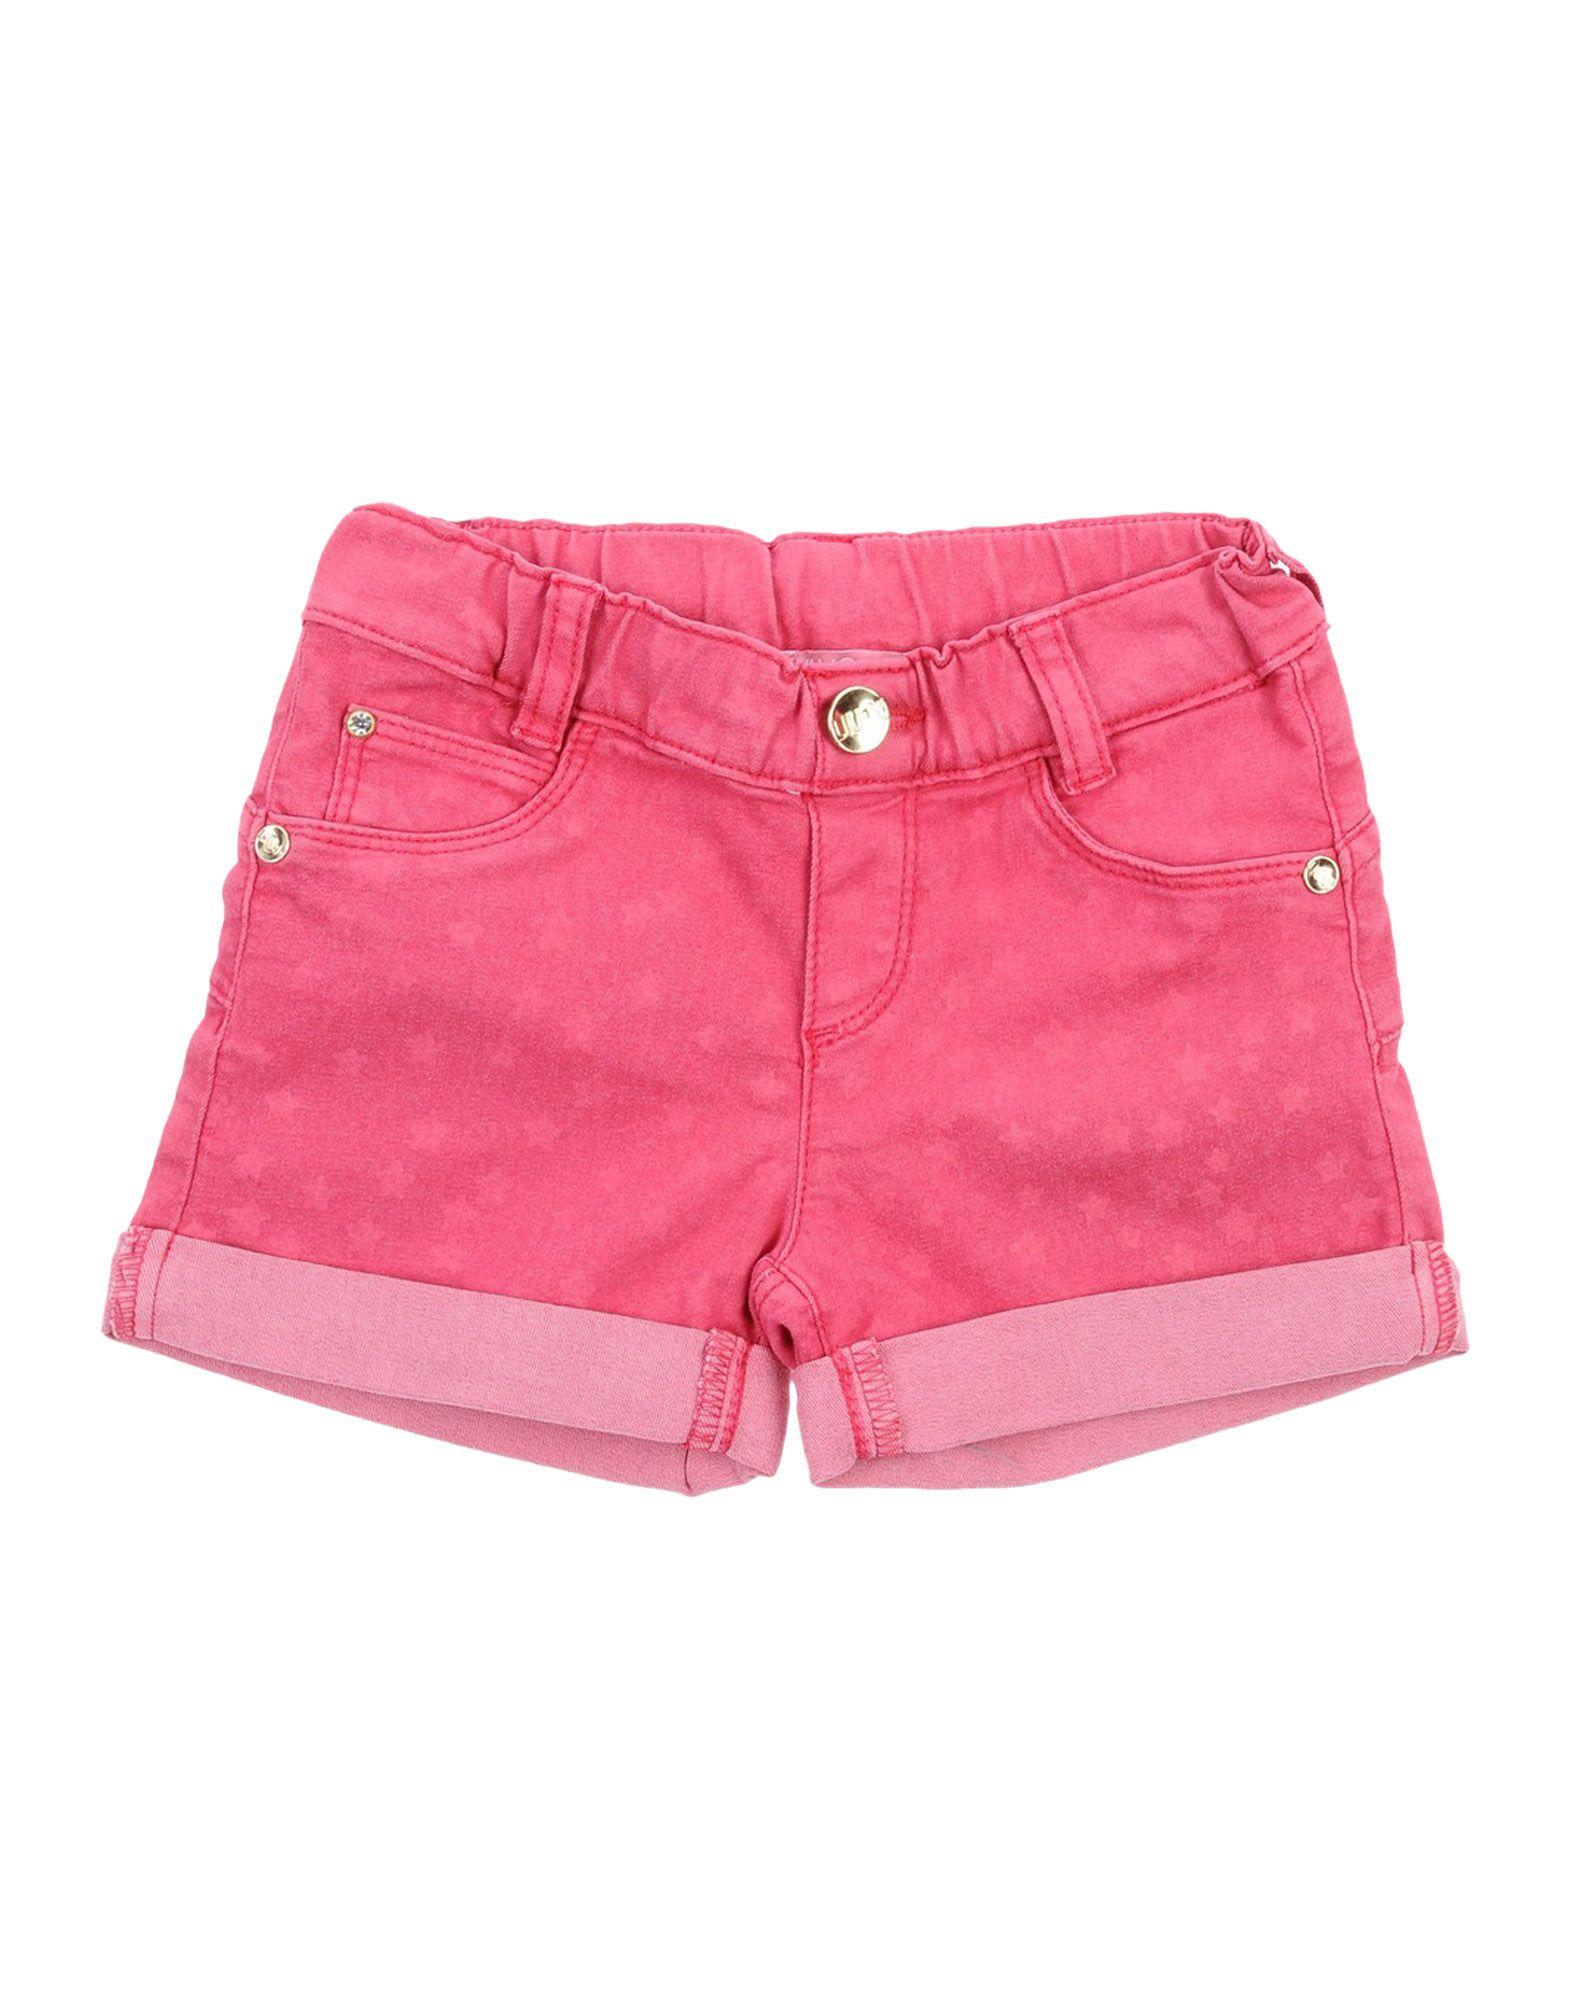 LIU JO BABY Shorts